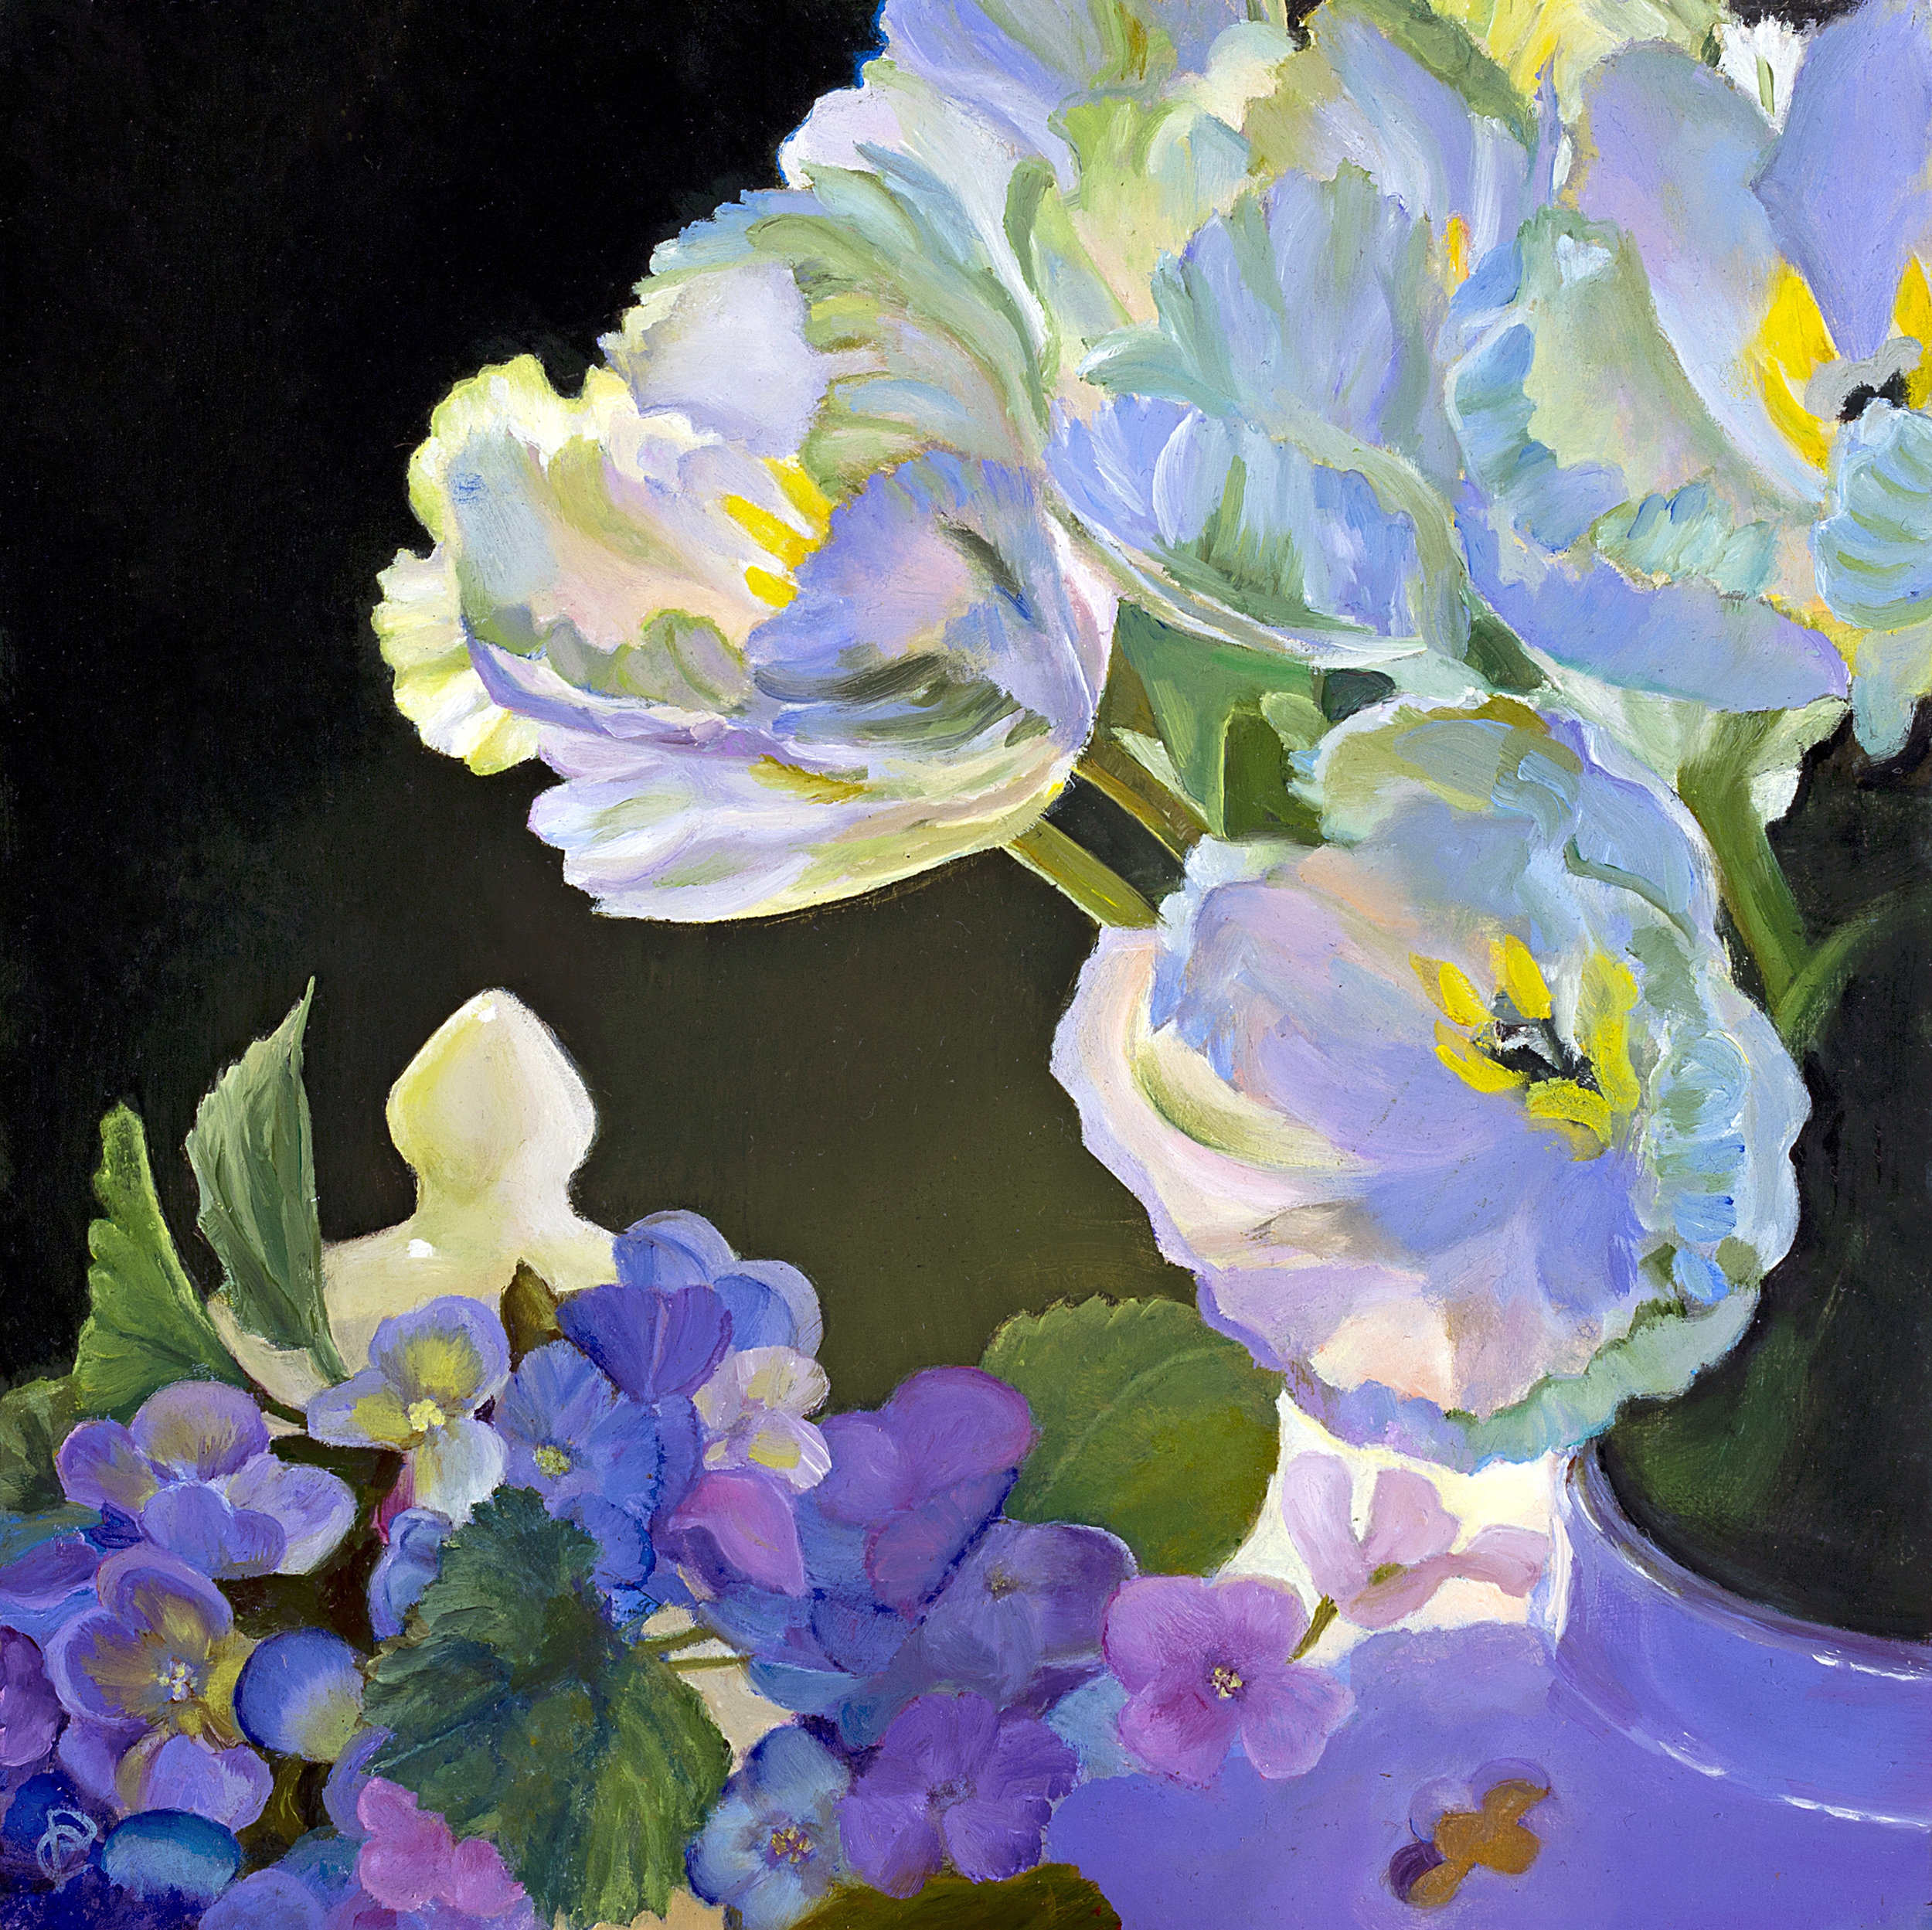 Florist's Workbench at Merrifield Gardens